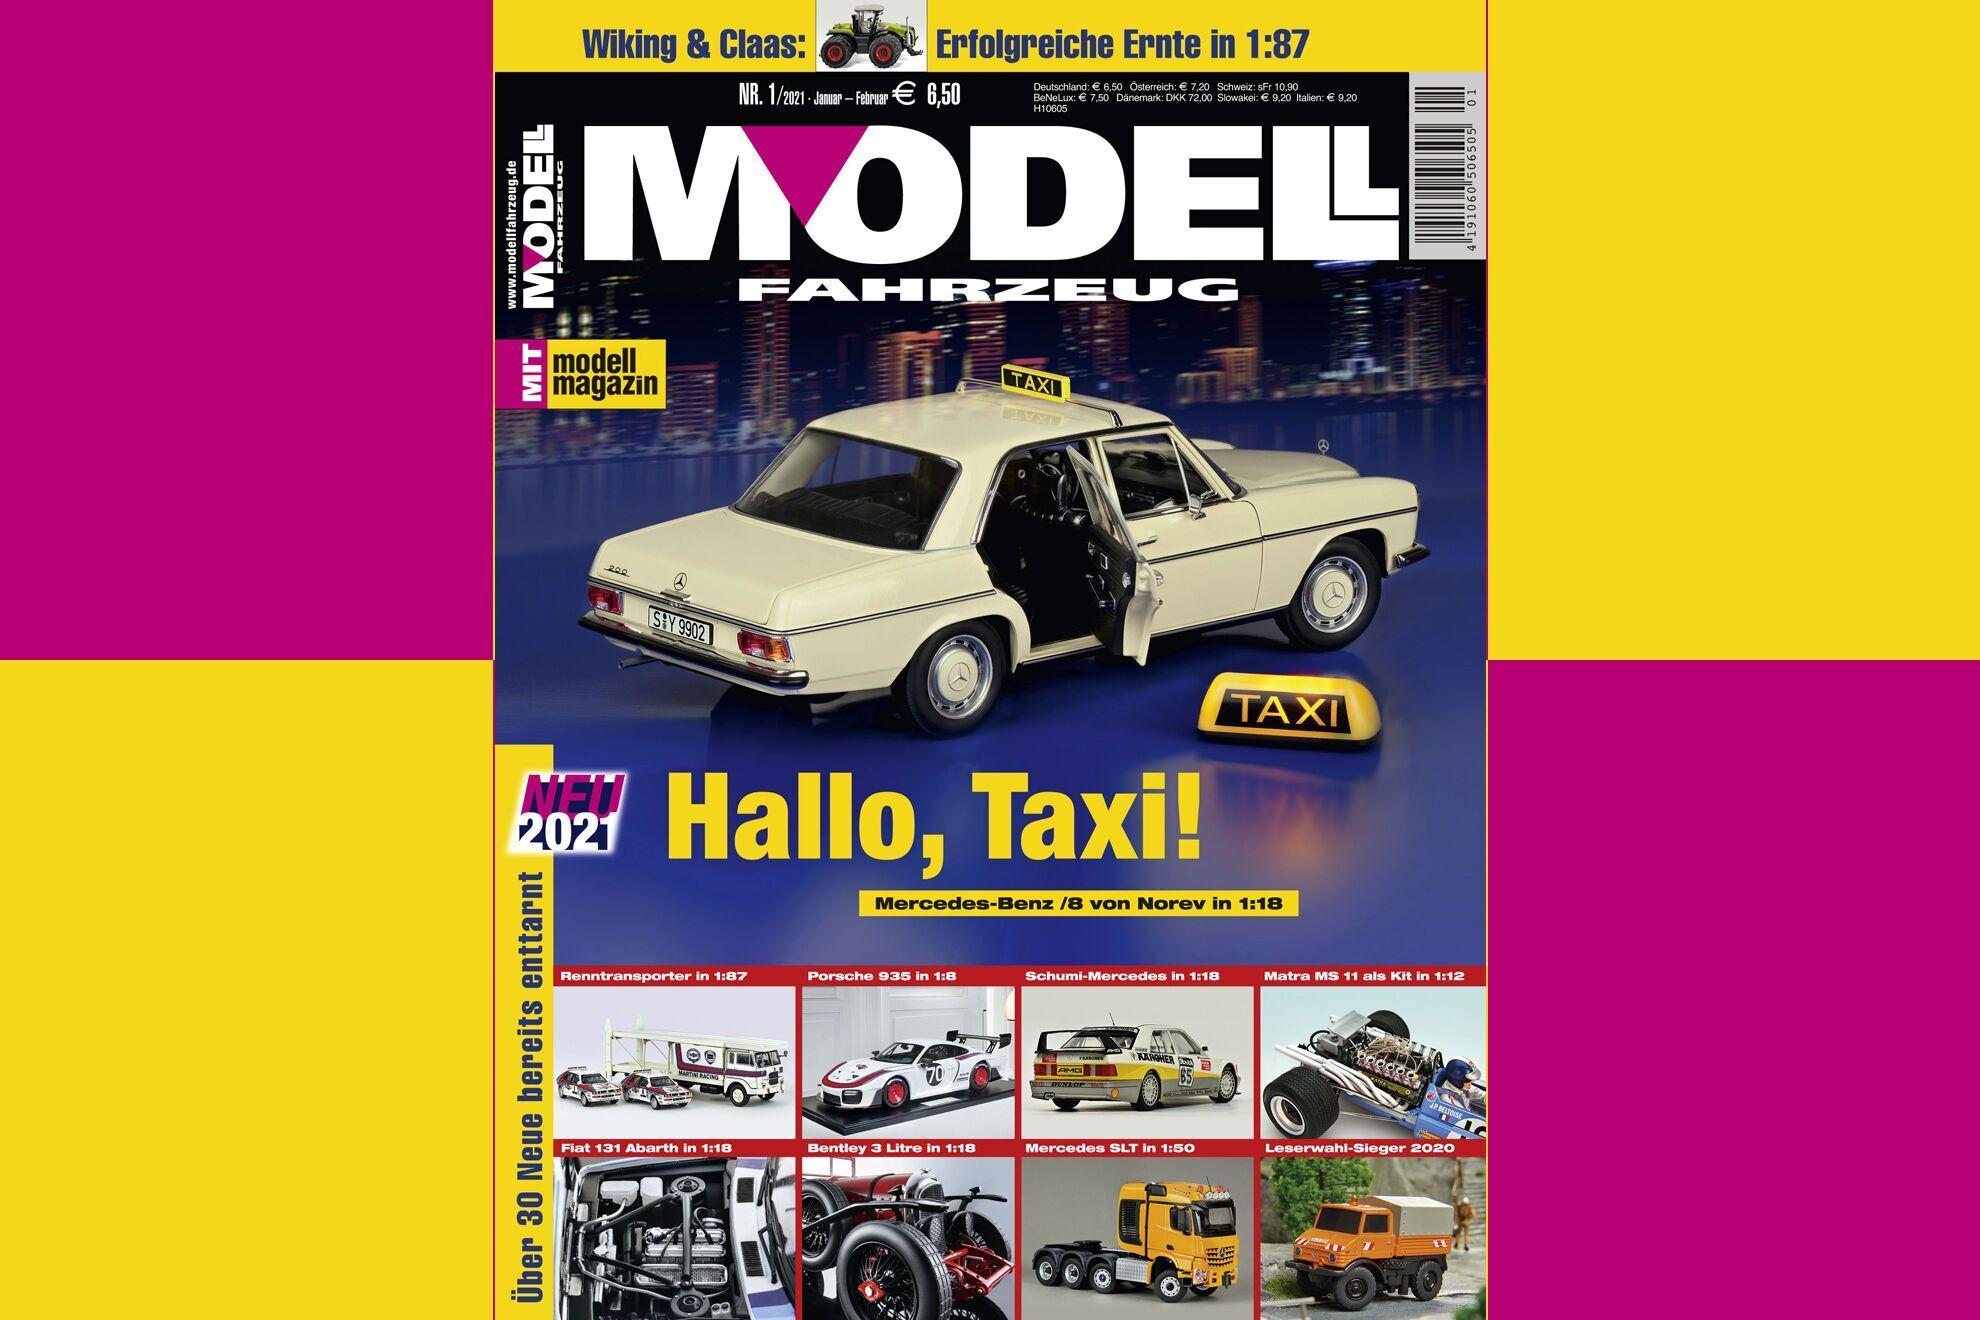 Обложка свежего номера Modell Fahrzeug с результатами конкурса